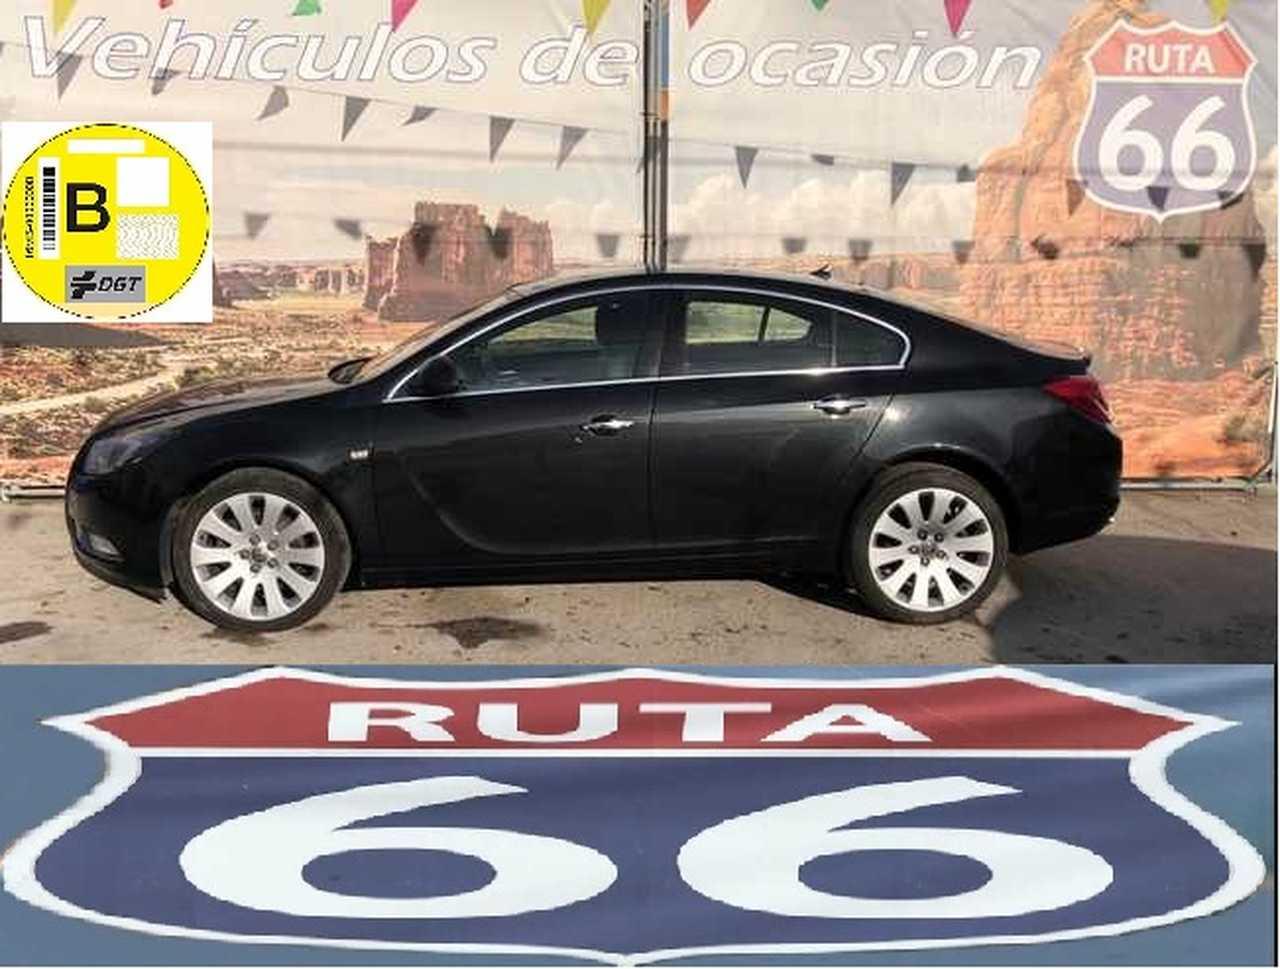 Opel Insignia  Insignia 2.0 CDTI Biturbo Sportive Auto 5p Insignia 2.0 CDTI Biturbo Sportive Auto 5p 195 CV  - Foto 1